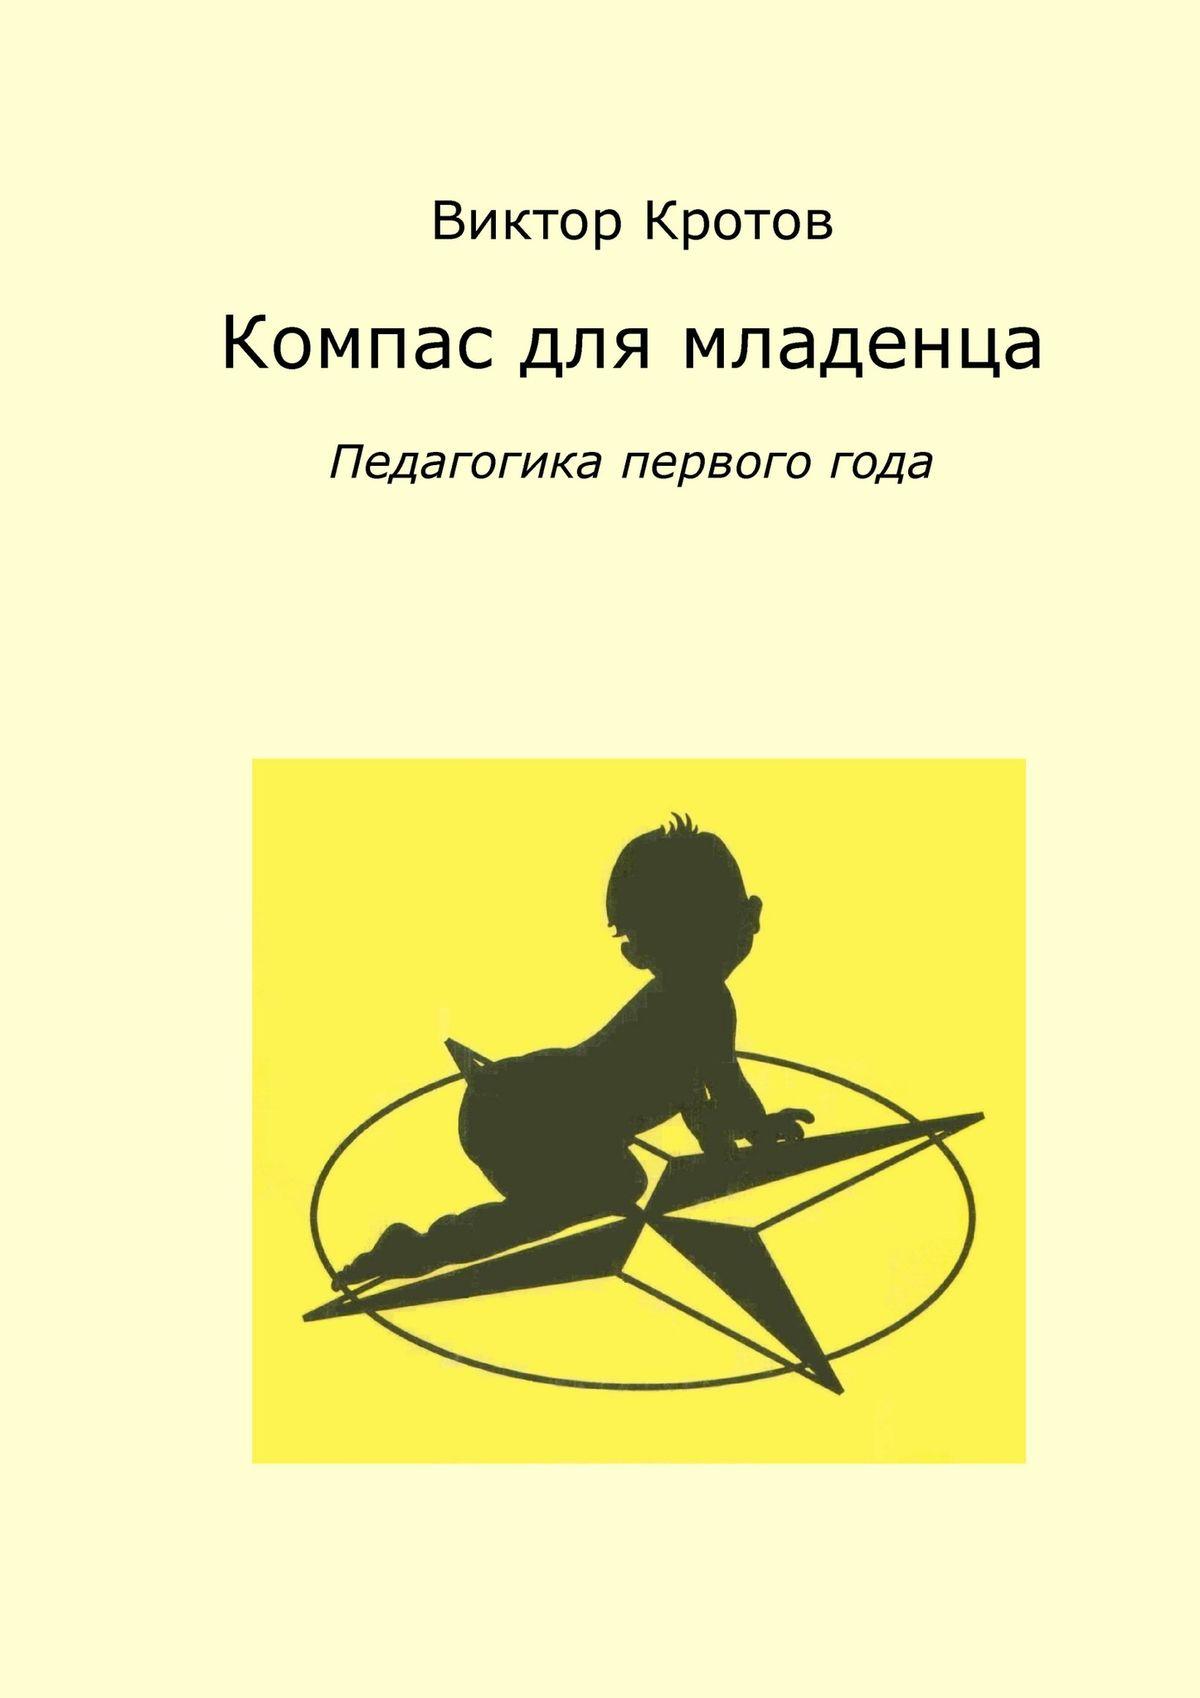 Виктор Кротов Компас для младенца. Педагогика первого года виктор кротов компас для младенца педагогика первого года